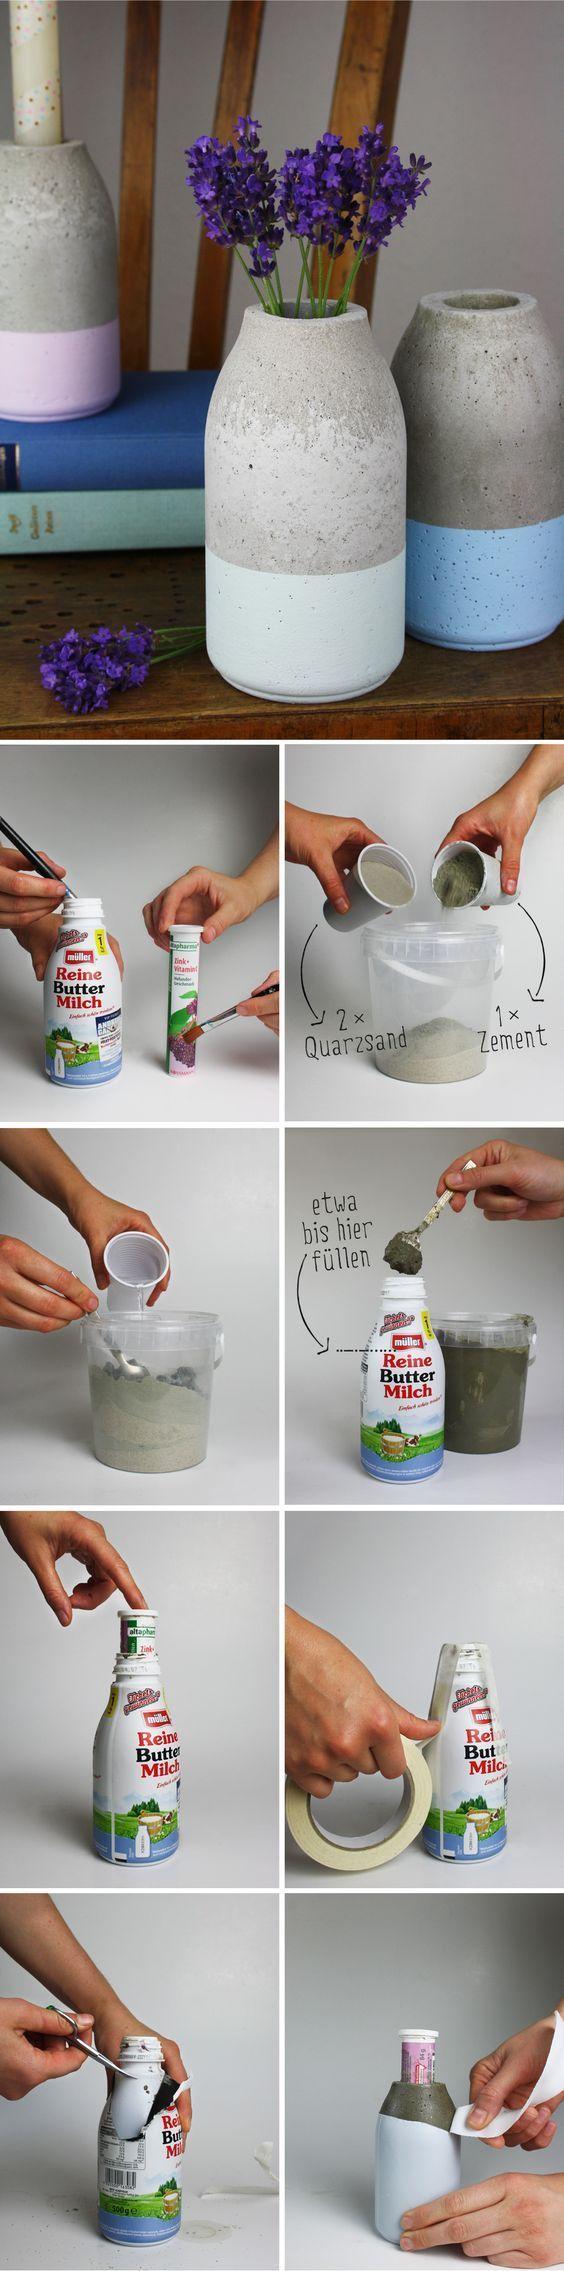 Einfache Betonvase in Form einer Flasche selber gießen! Einfache Anleitung auf meinem Blog.: